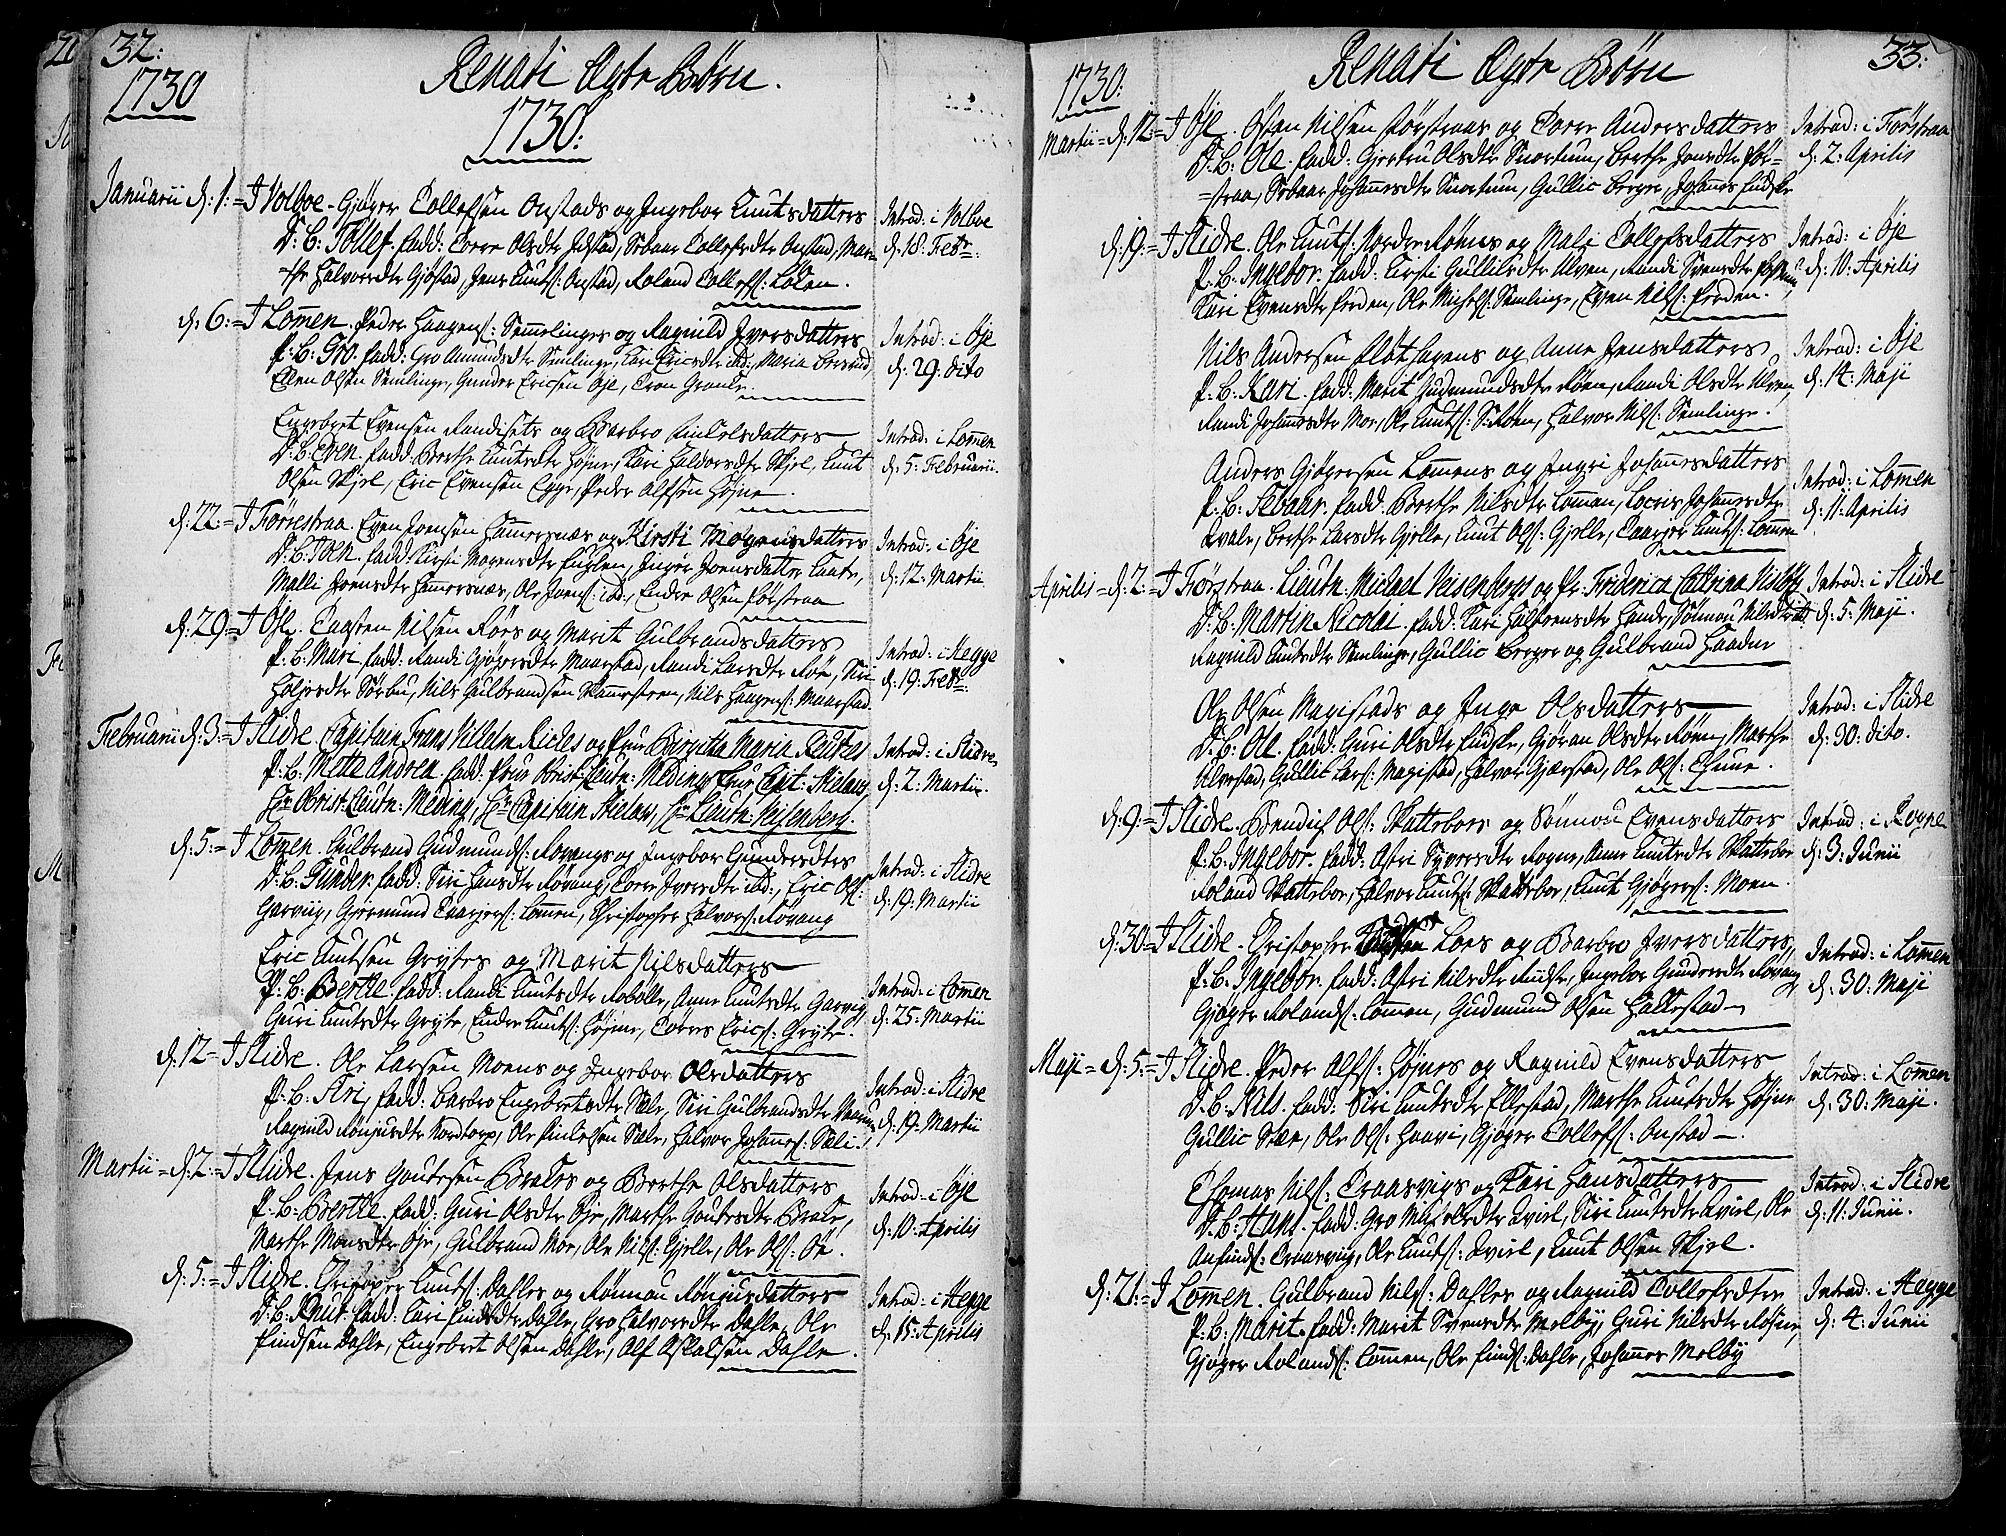 SAH, Slidre prestekontor, Ministerialbok nr. 1, 1724-1814, s. 32-33